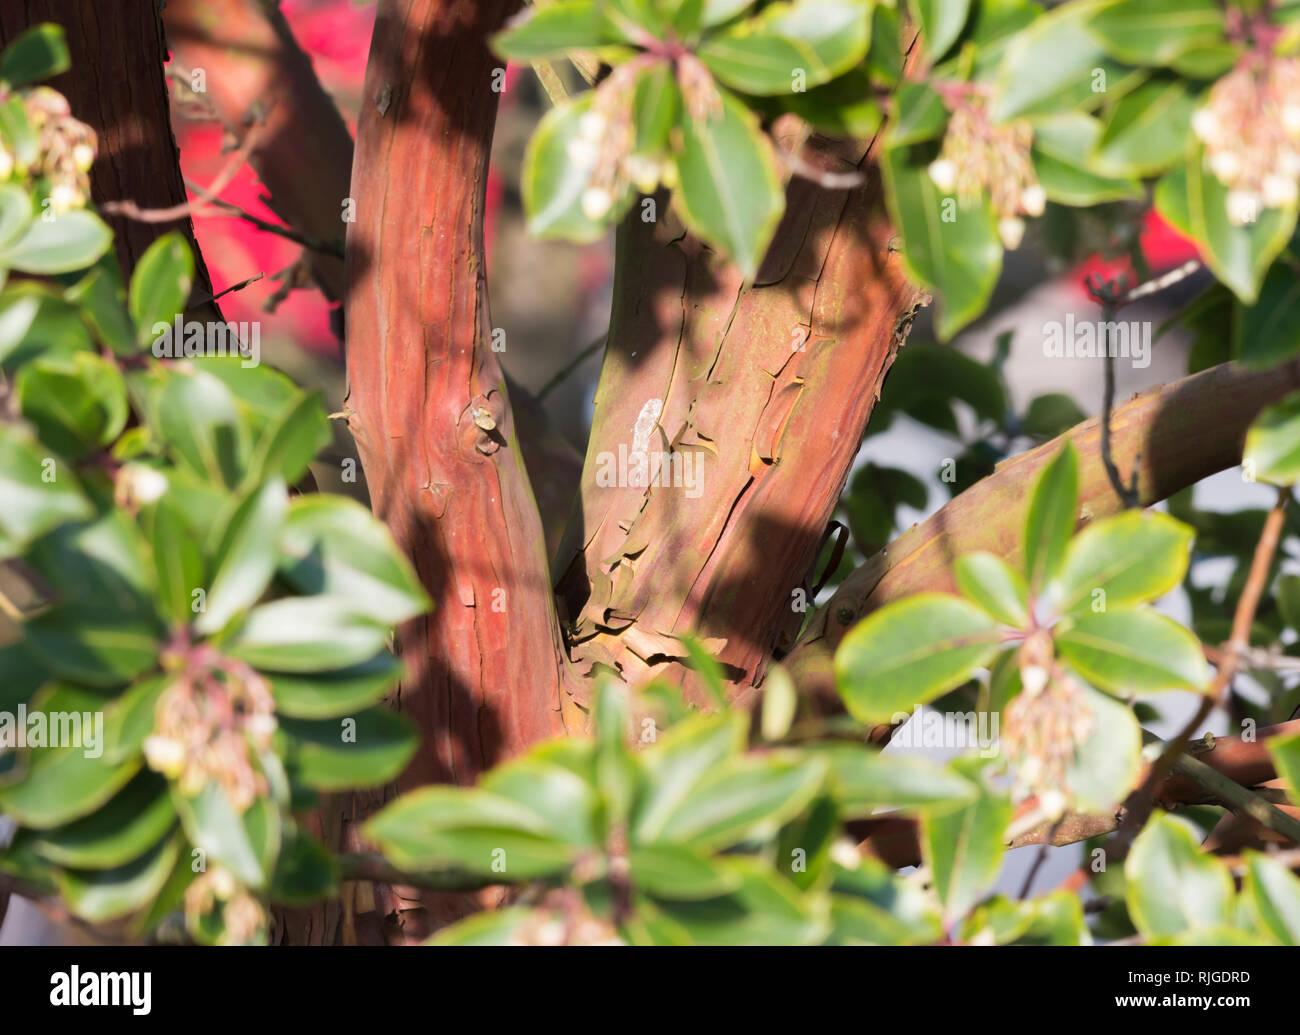 Gros plan de l'écorce du tronc et l'épluchage d'un Arbre aux fraises (Arbutus unedo), un défaut de croissance des arbres en hiver au Royaume-Uni. Photo Stock